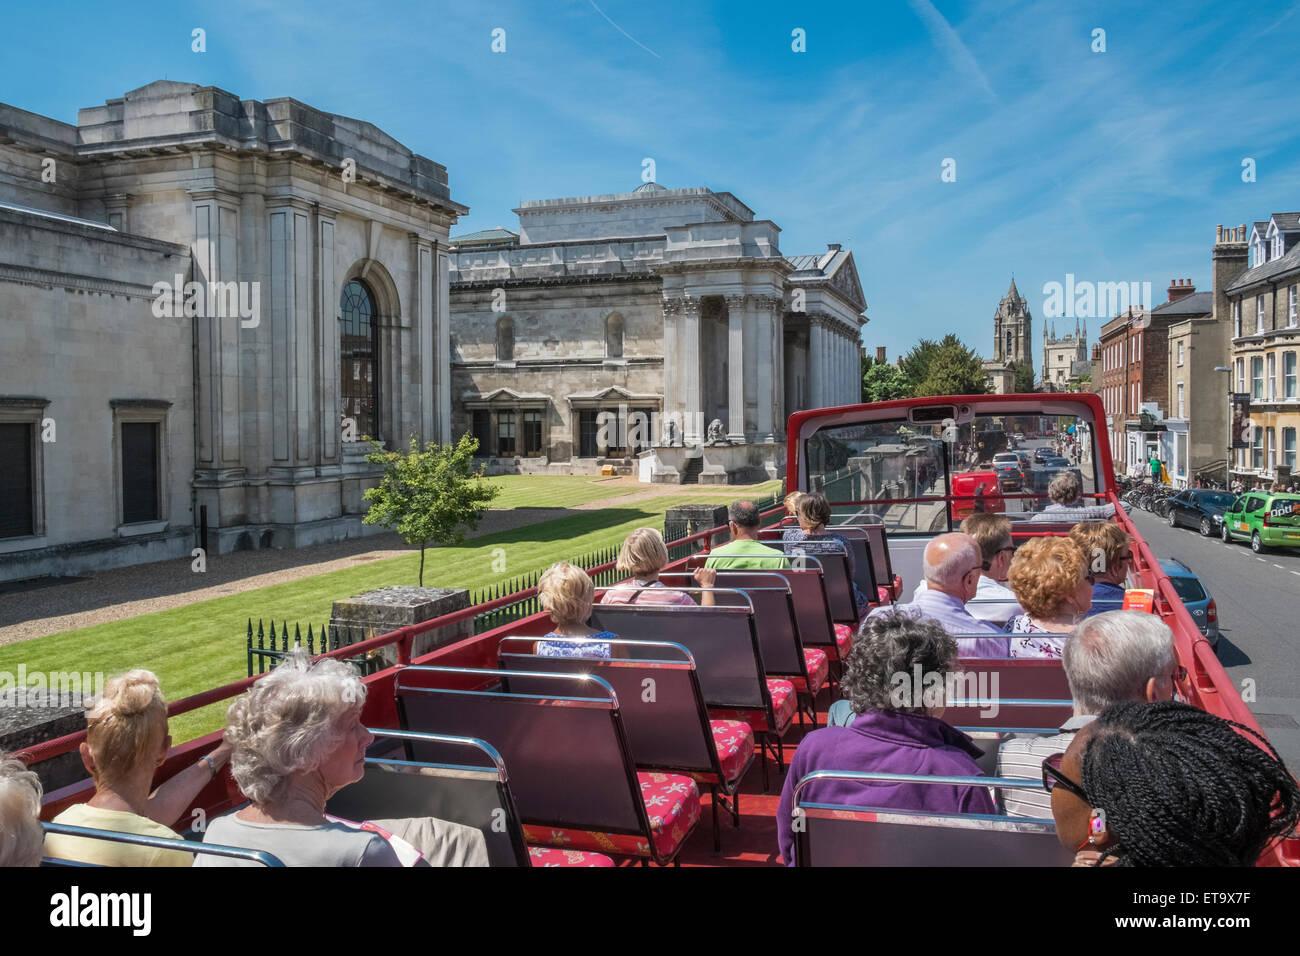 Les touristes sur open top city bus de tourisme près de Fitzwilliam Museum, Trumpington Street, Cambridge, Photo Stock